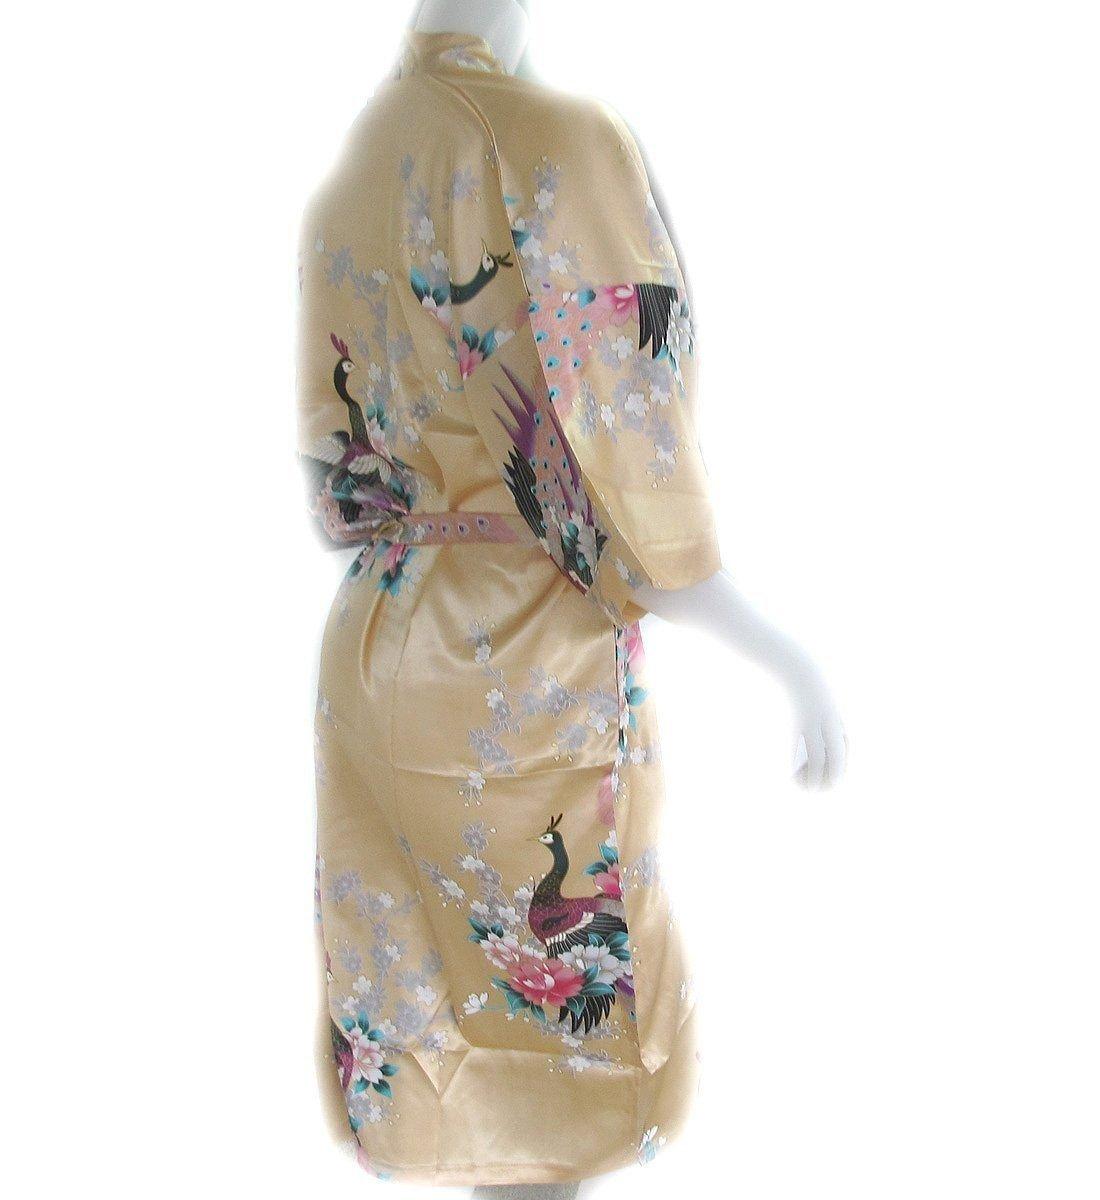 Thai Vintage Women's Gold Kimono Silk Satin Bath Wrap Robe Peacock Design 1